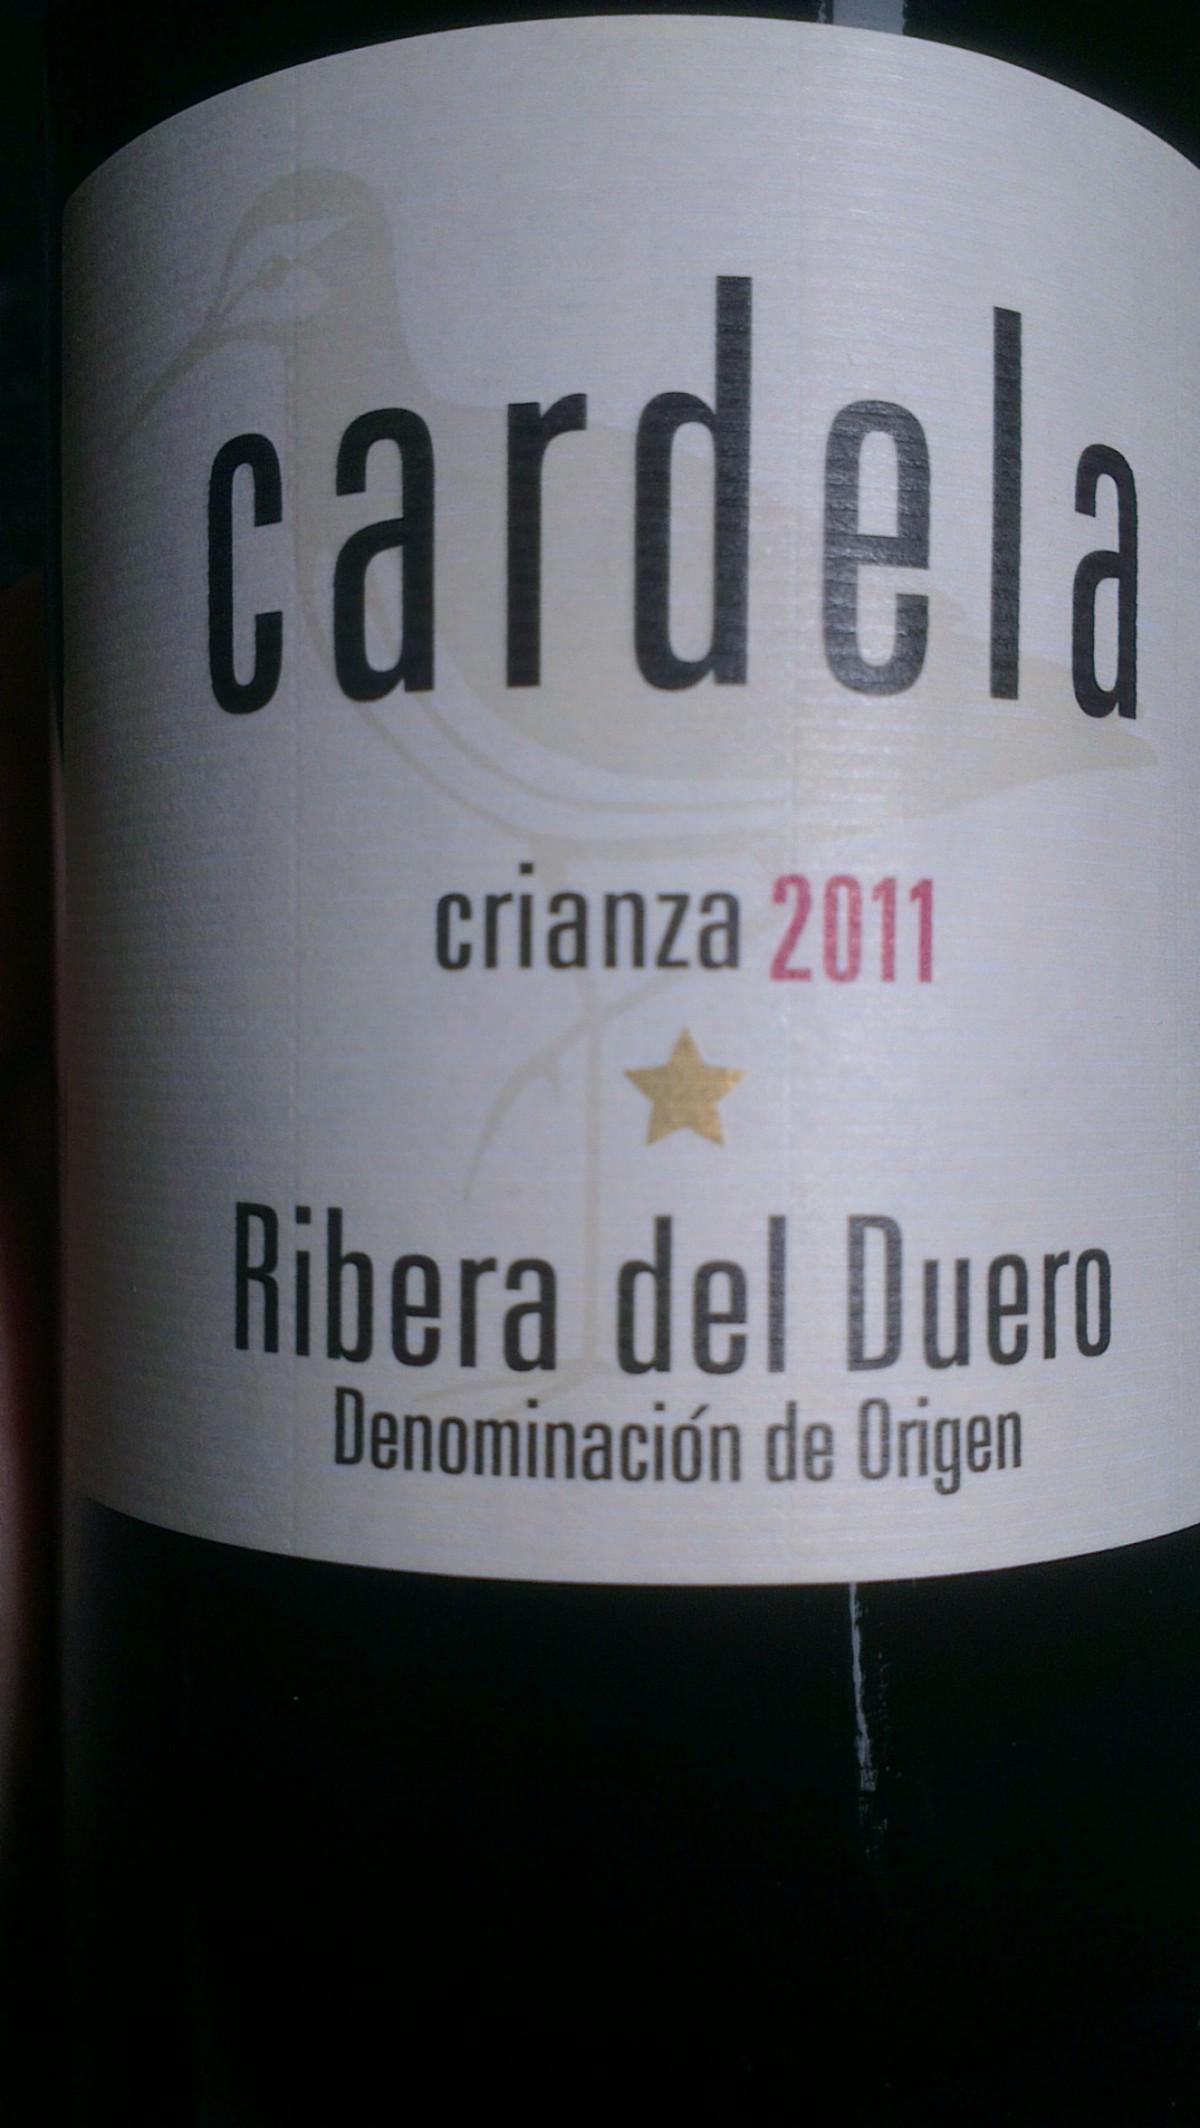 Cardela Crianza 2011, mucha fruta del Pago de Valderramiro